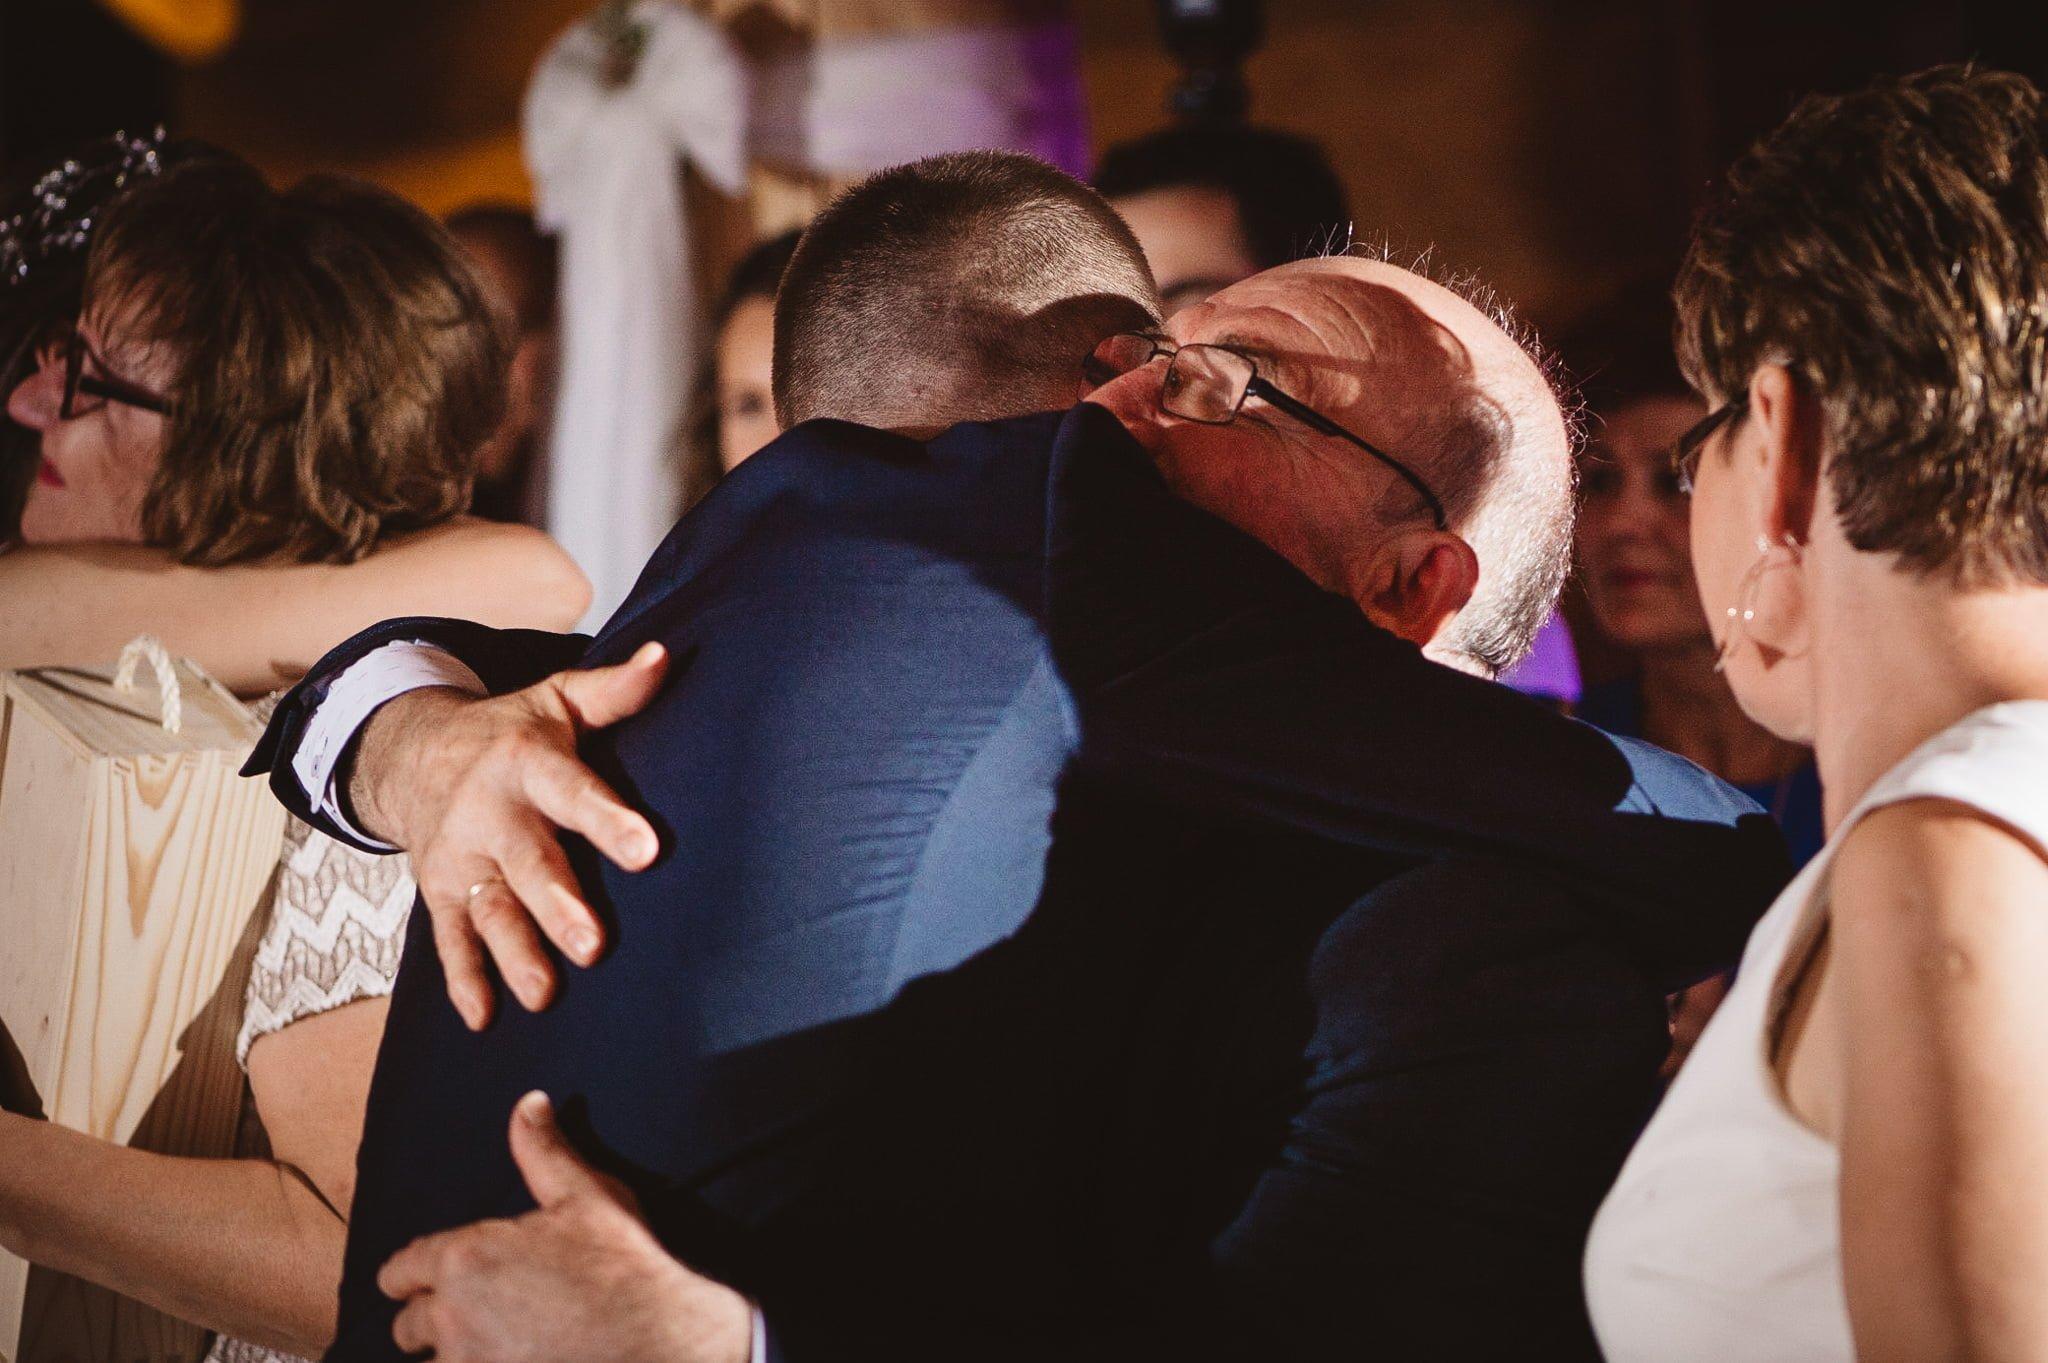 Ala i Arek, czyli jak zorganizować ślub i wesele w 4 tygodnie! 318